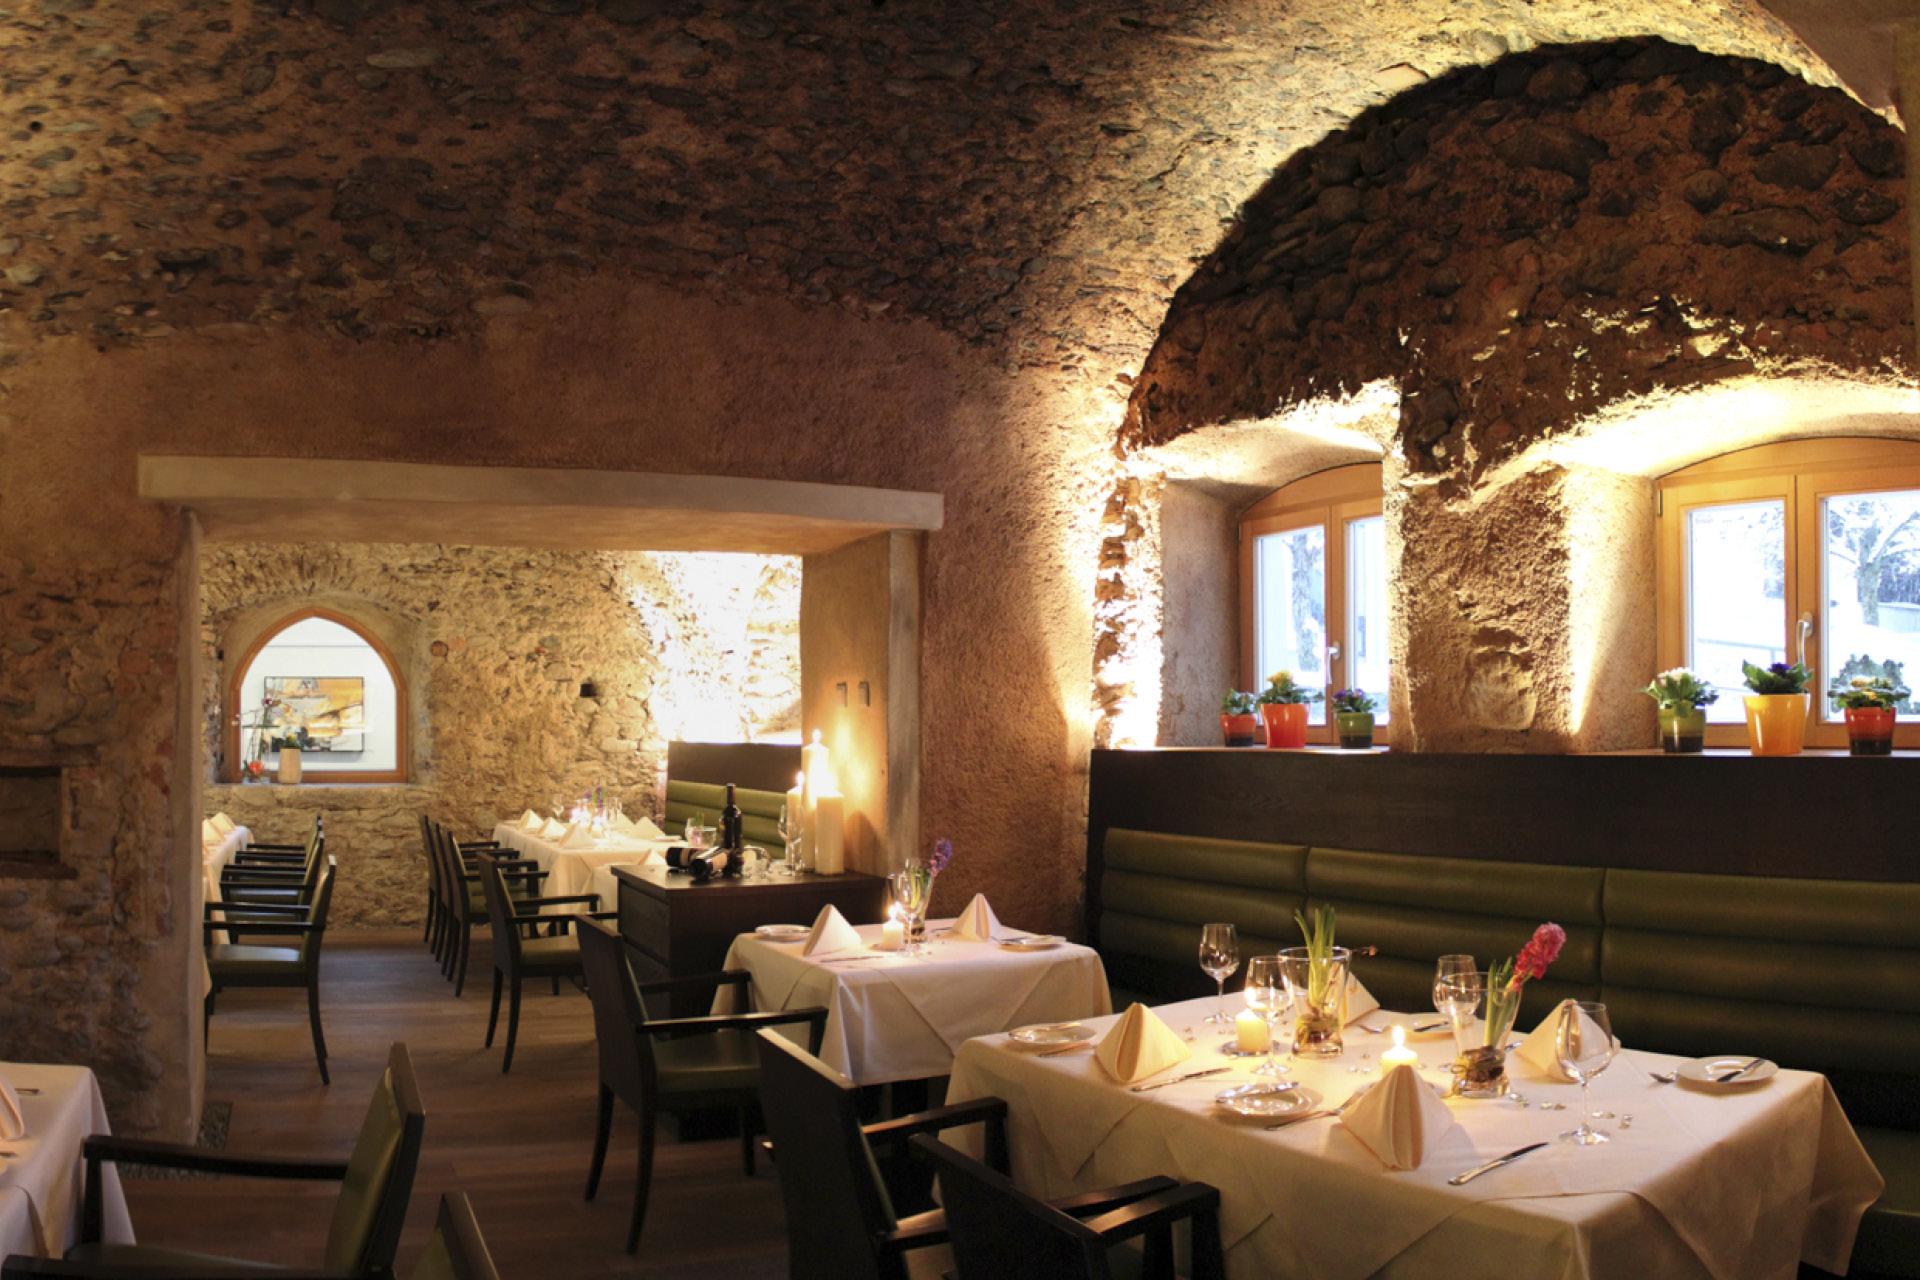 tischlerei-decker-meistertischlerei-oesterreich-zeitlos-restaurant